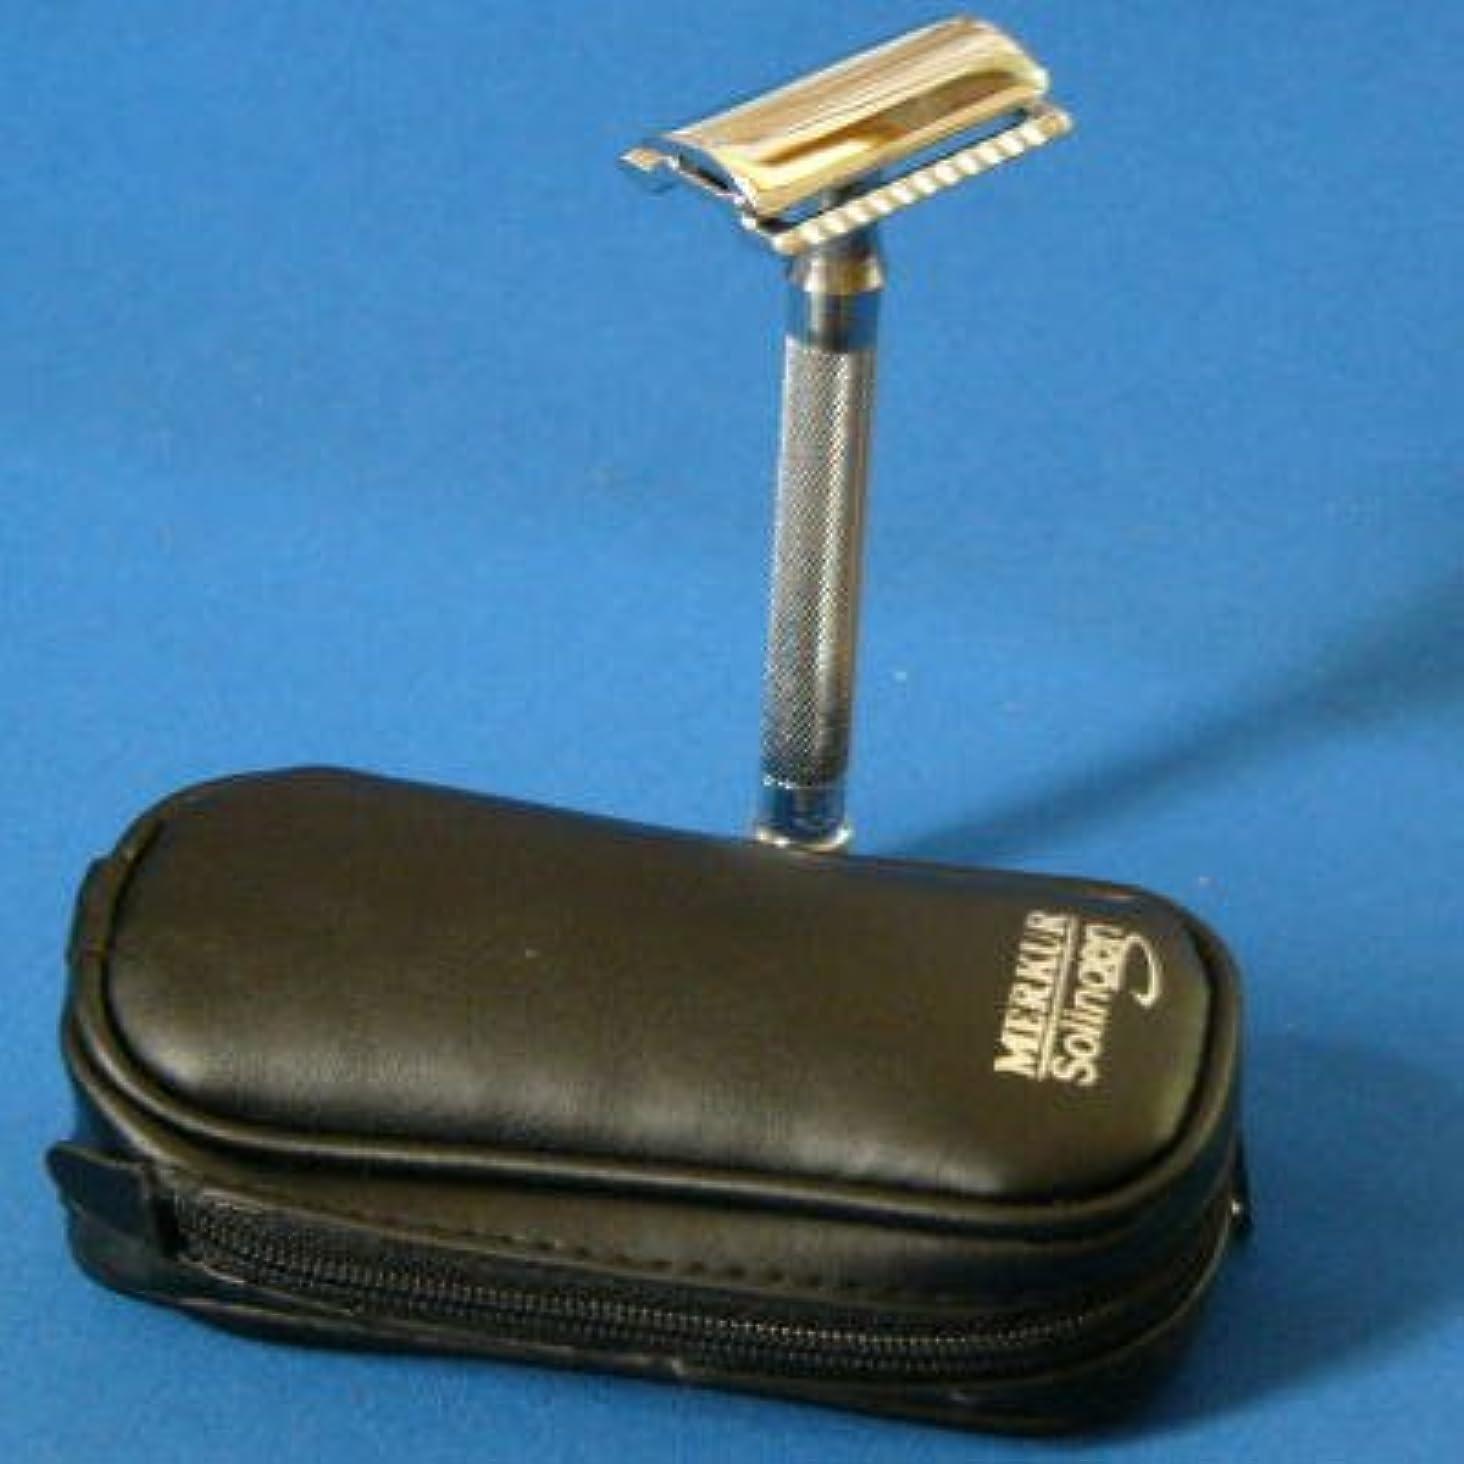 足枷穏やかな調整メルクール髭剃り(ひげそり) 23C(専用革ケース&替刃11枚付)